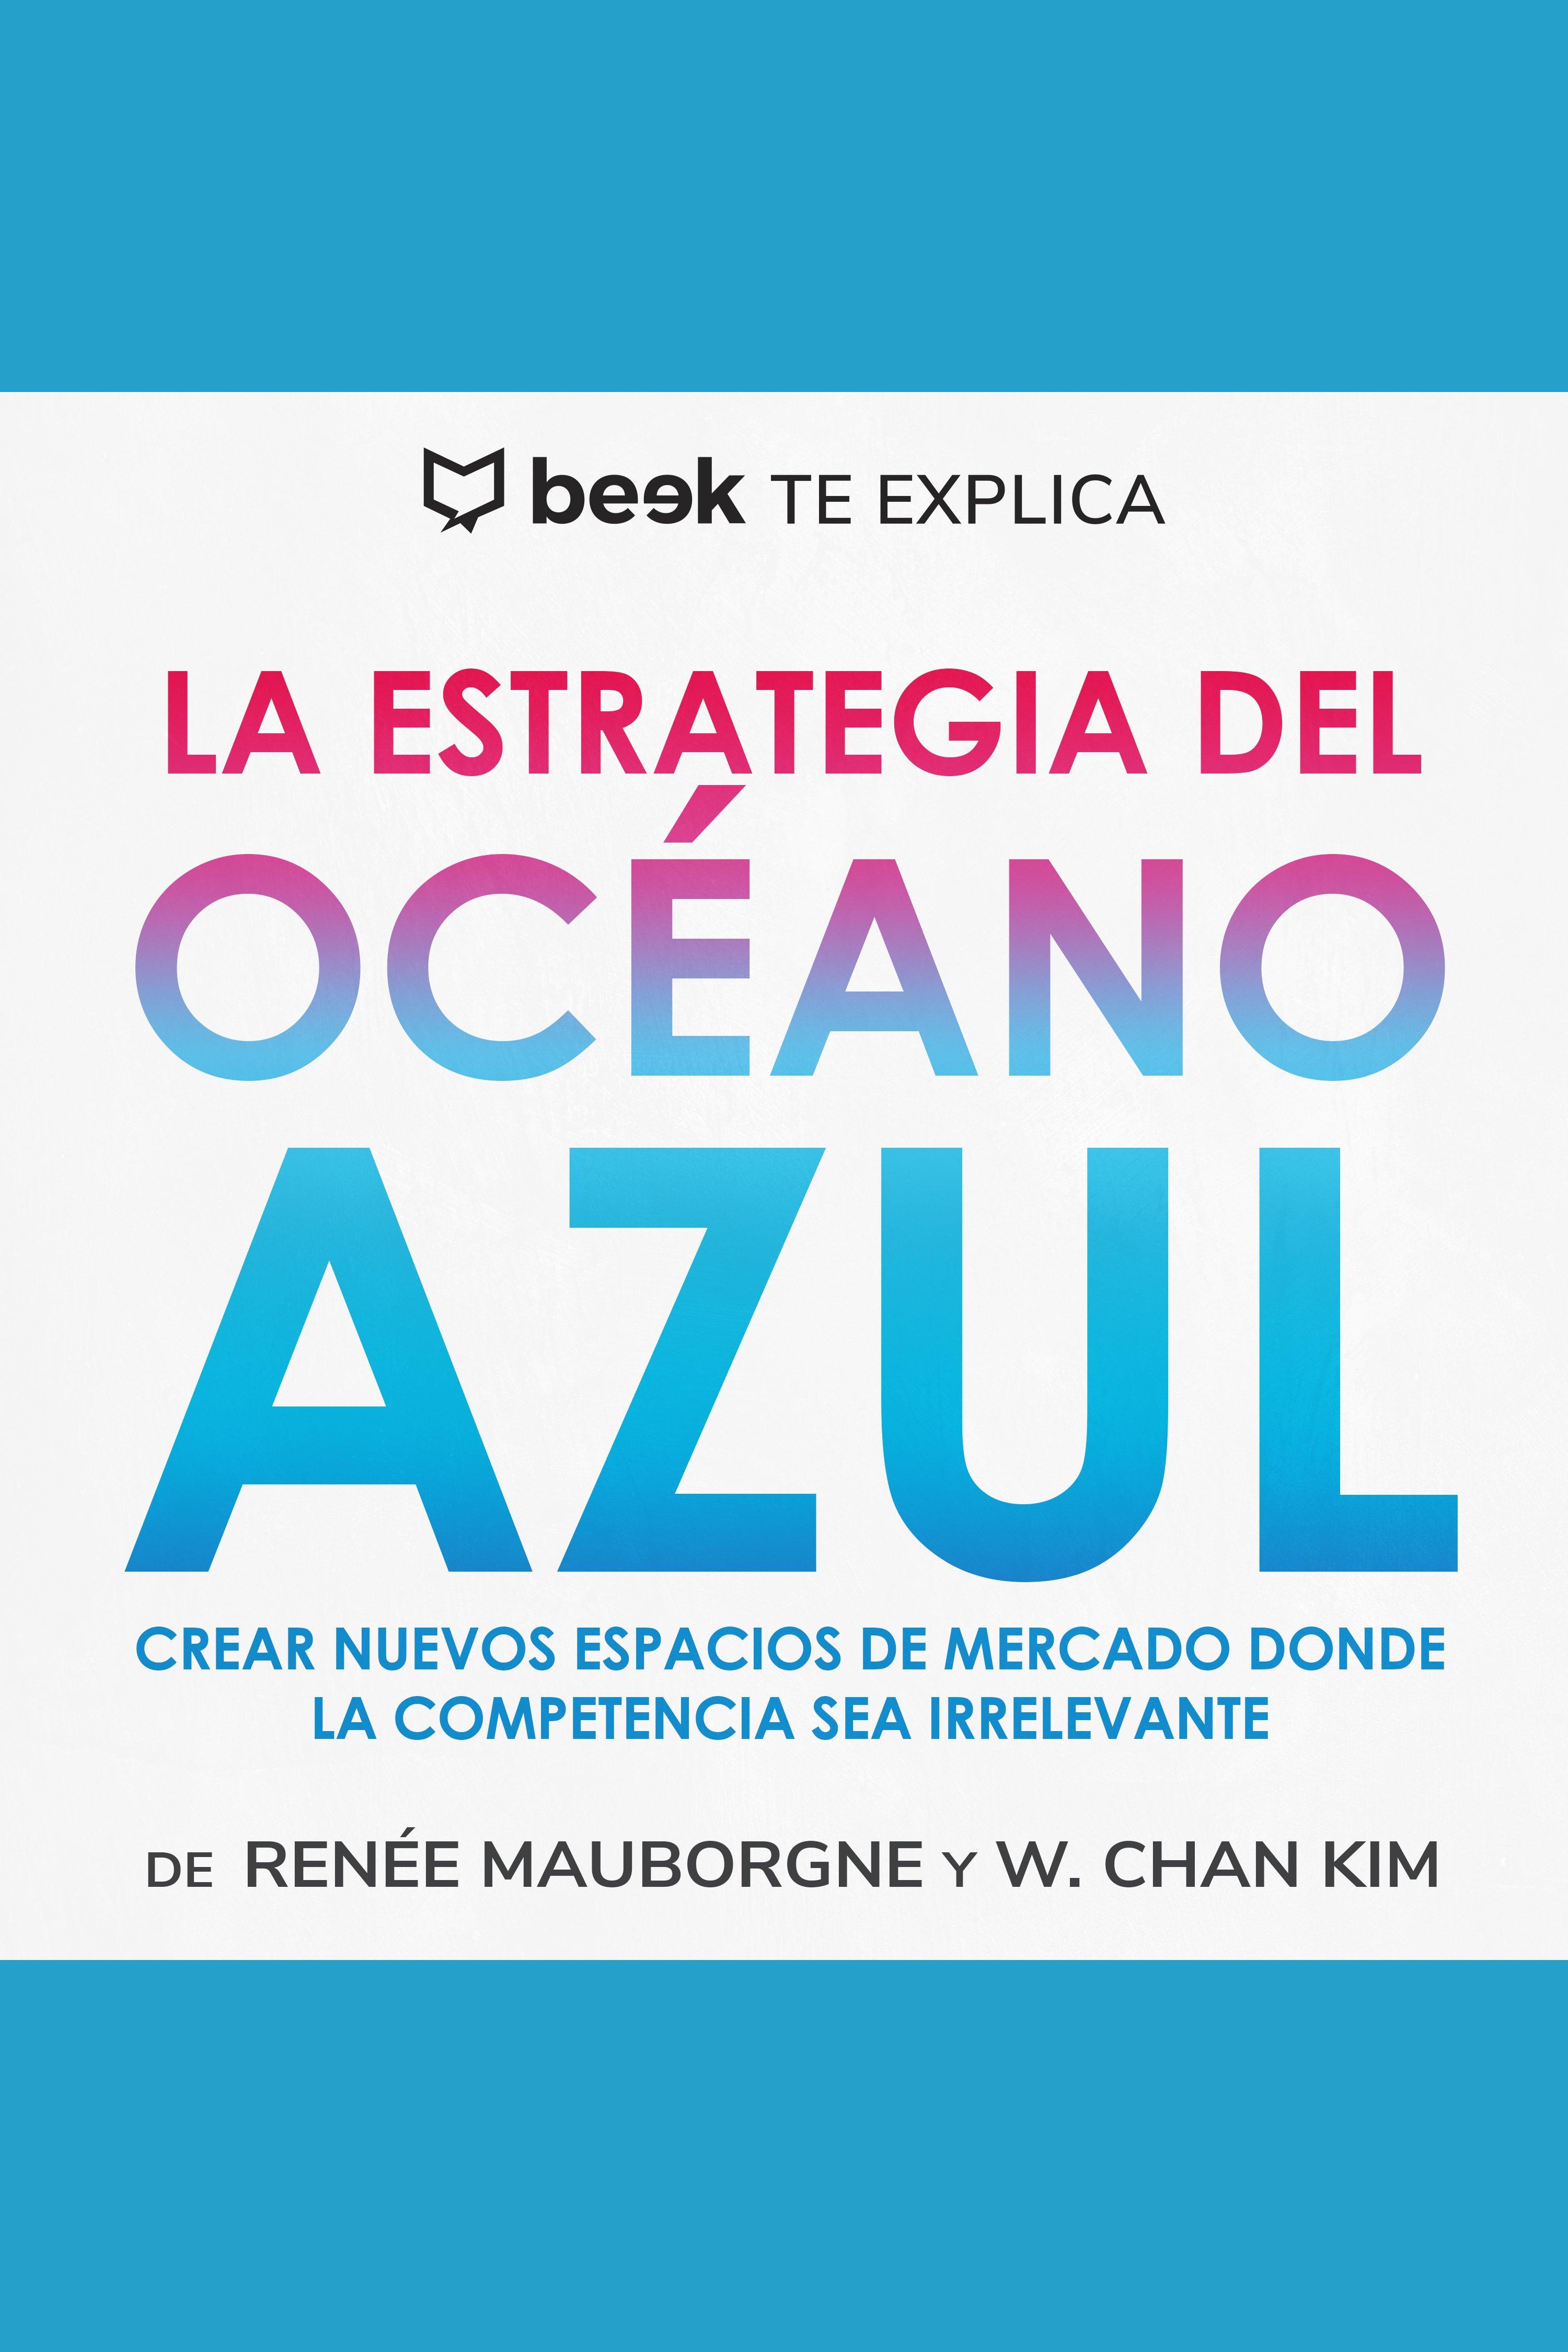 Esta es la portada del audiolibro La estrategia del océano azul… Beek te explica